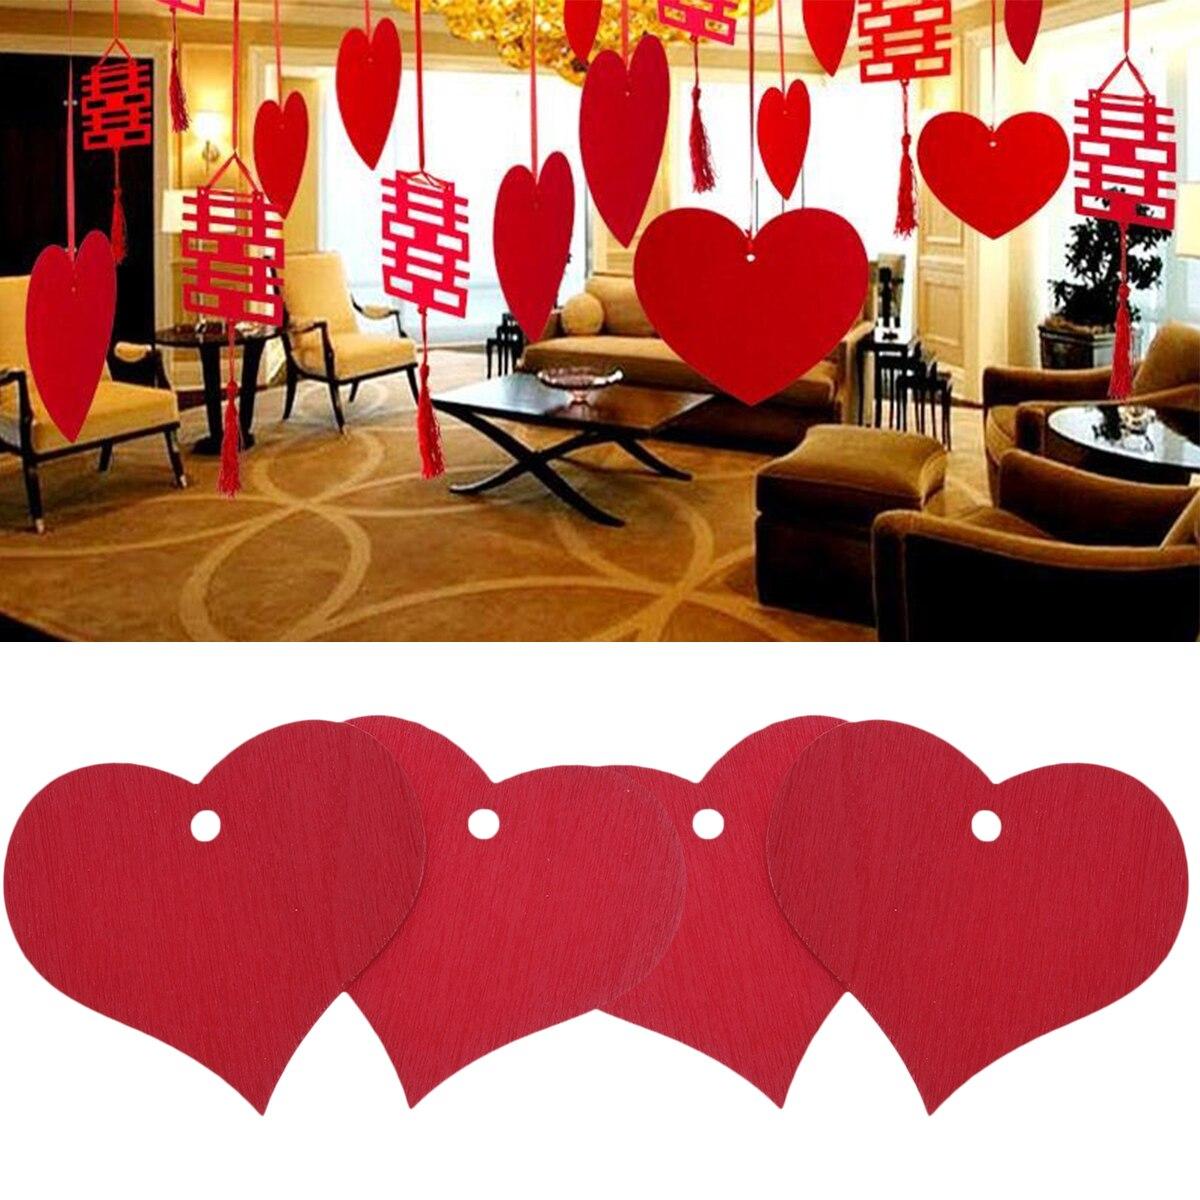 100 piezas corazones rojos placa signo madera hecho a mano forma de corazón placa signo con agujero adorno decorativo Adorno